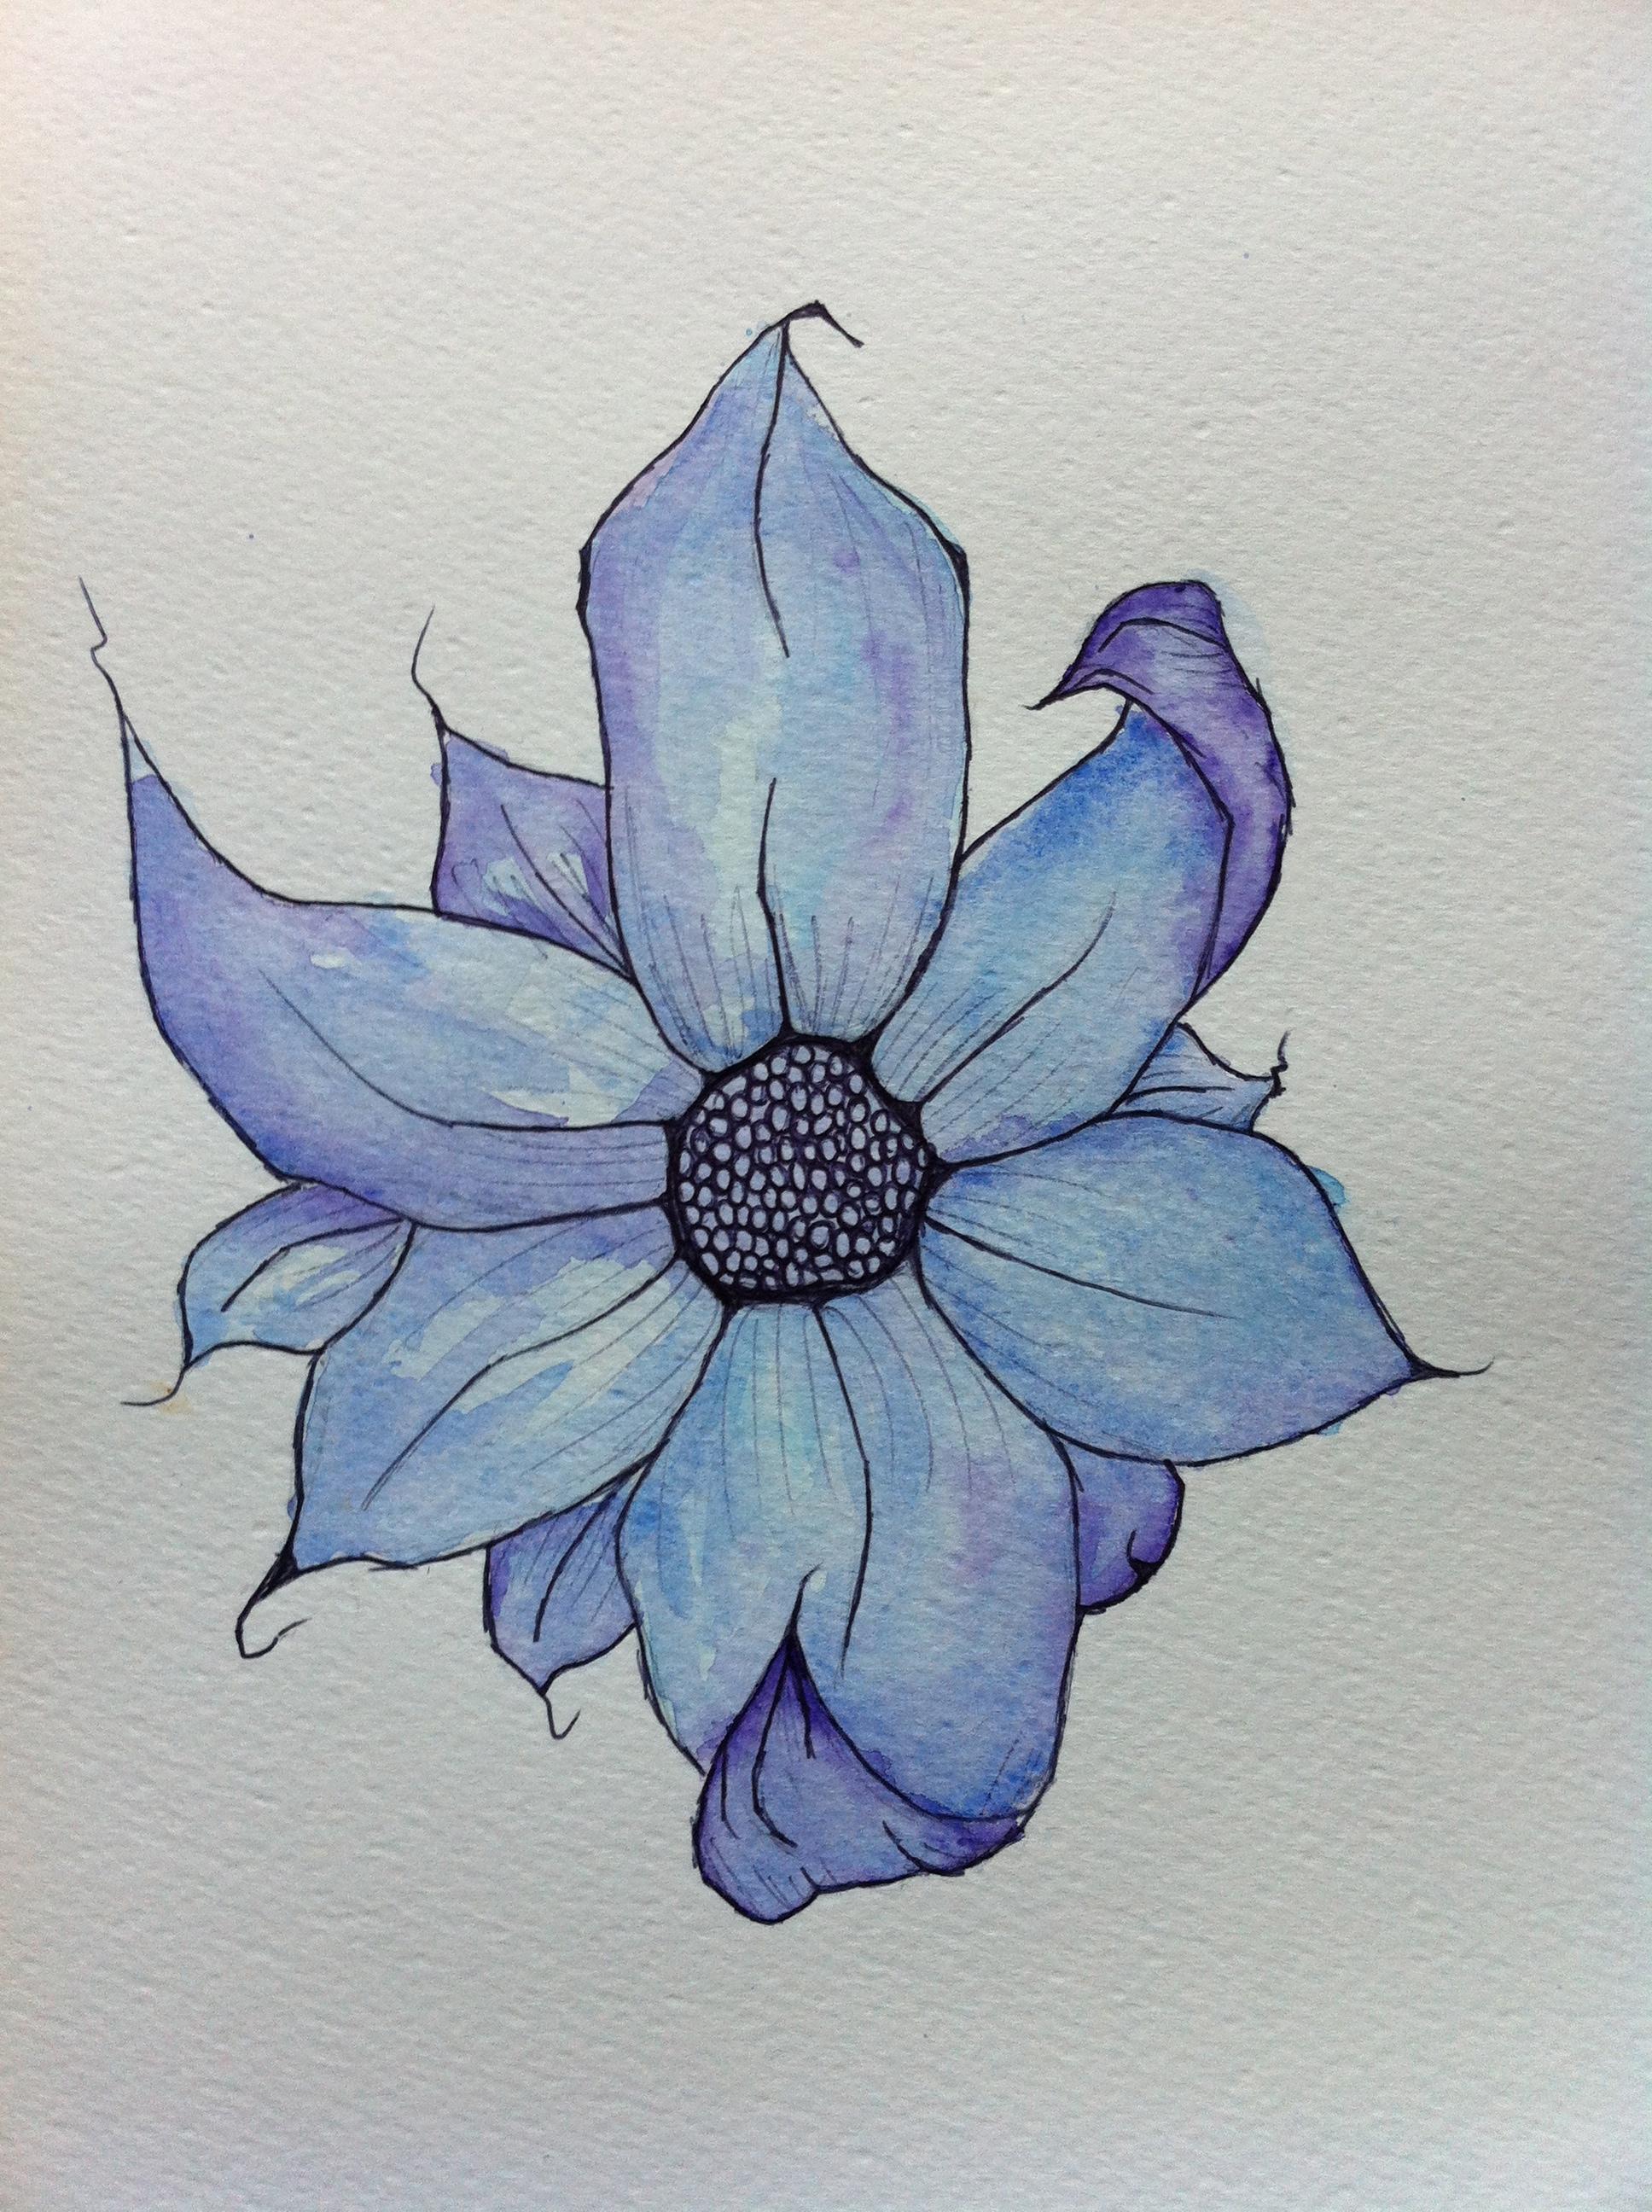 Brandon Boyd Flower Watercolour by Cogs90 on DeviantArt